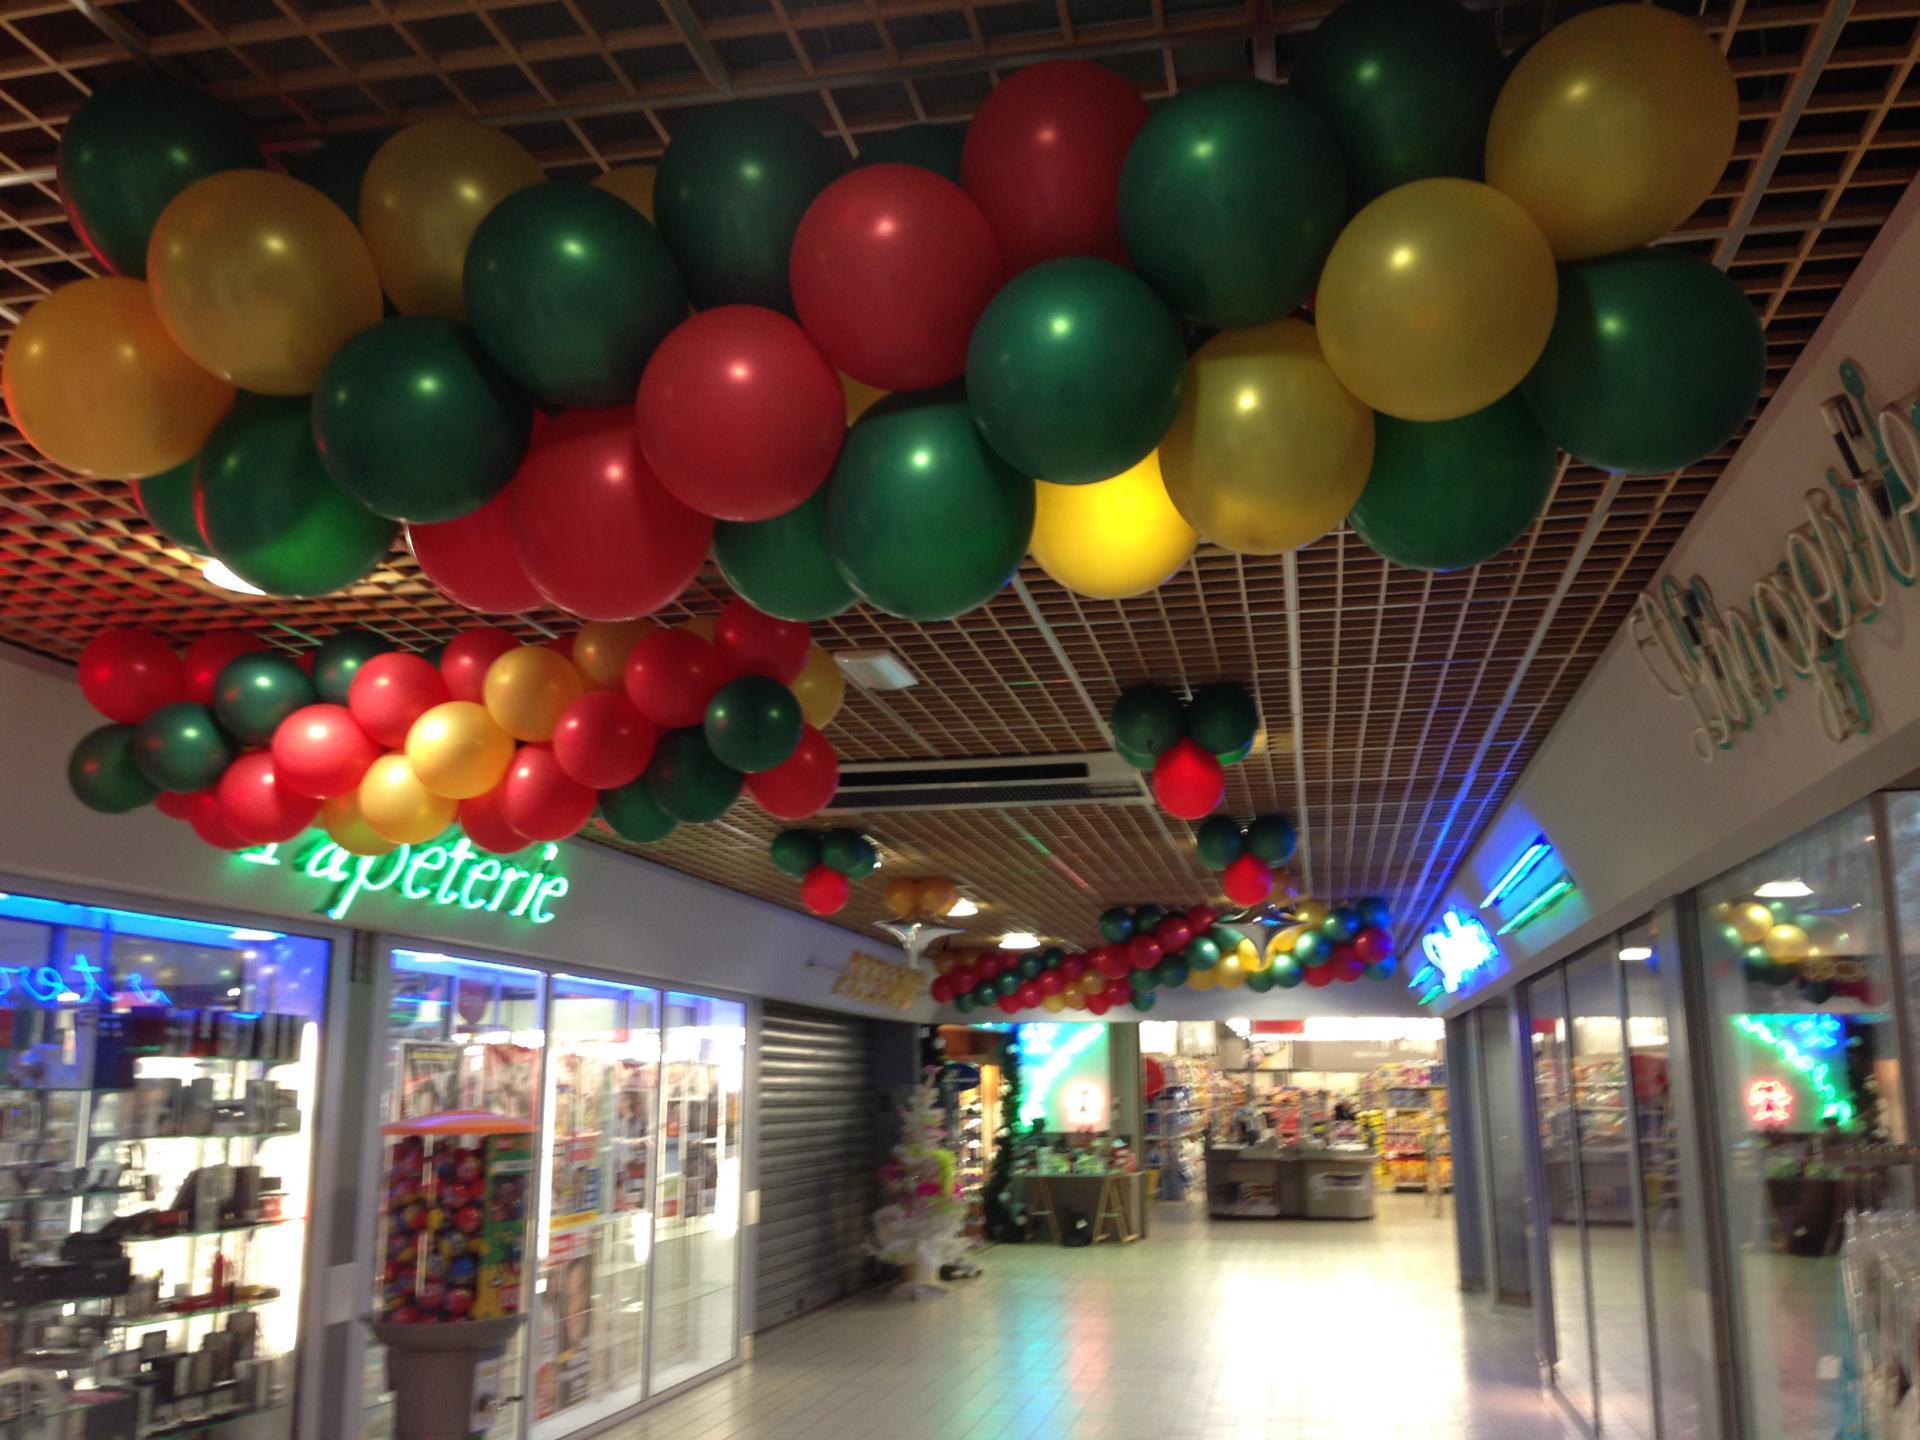 Décoration Ballons Noël galerie marchande